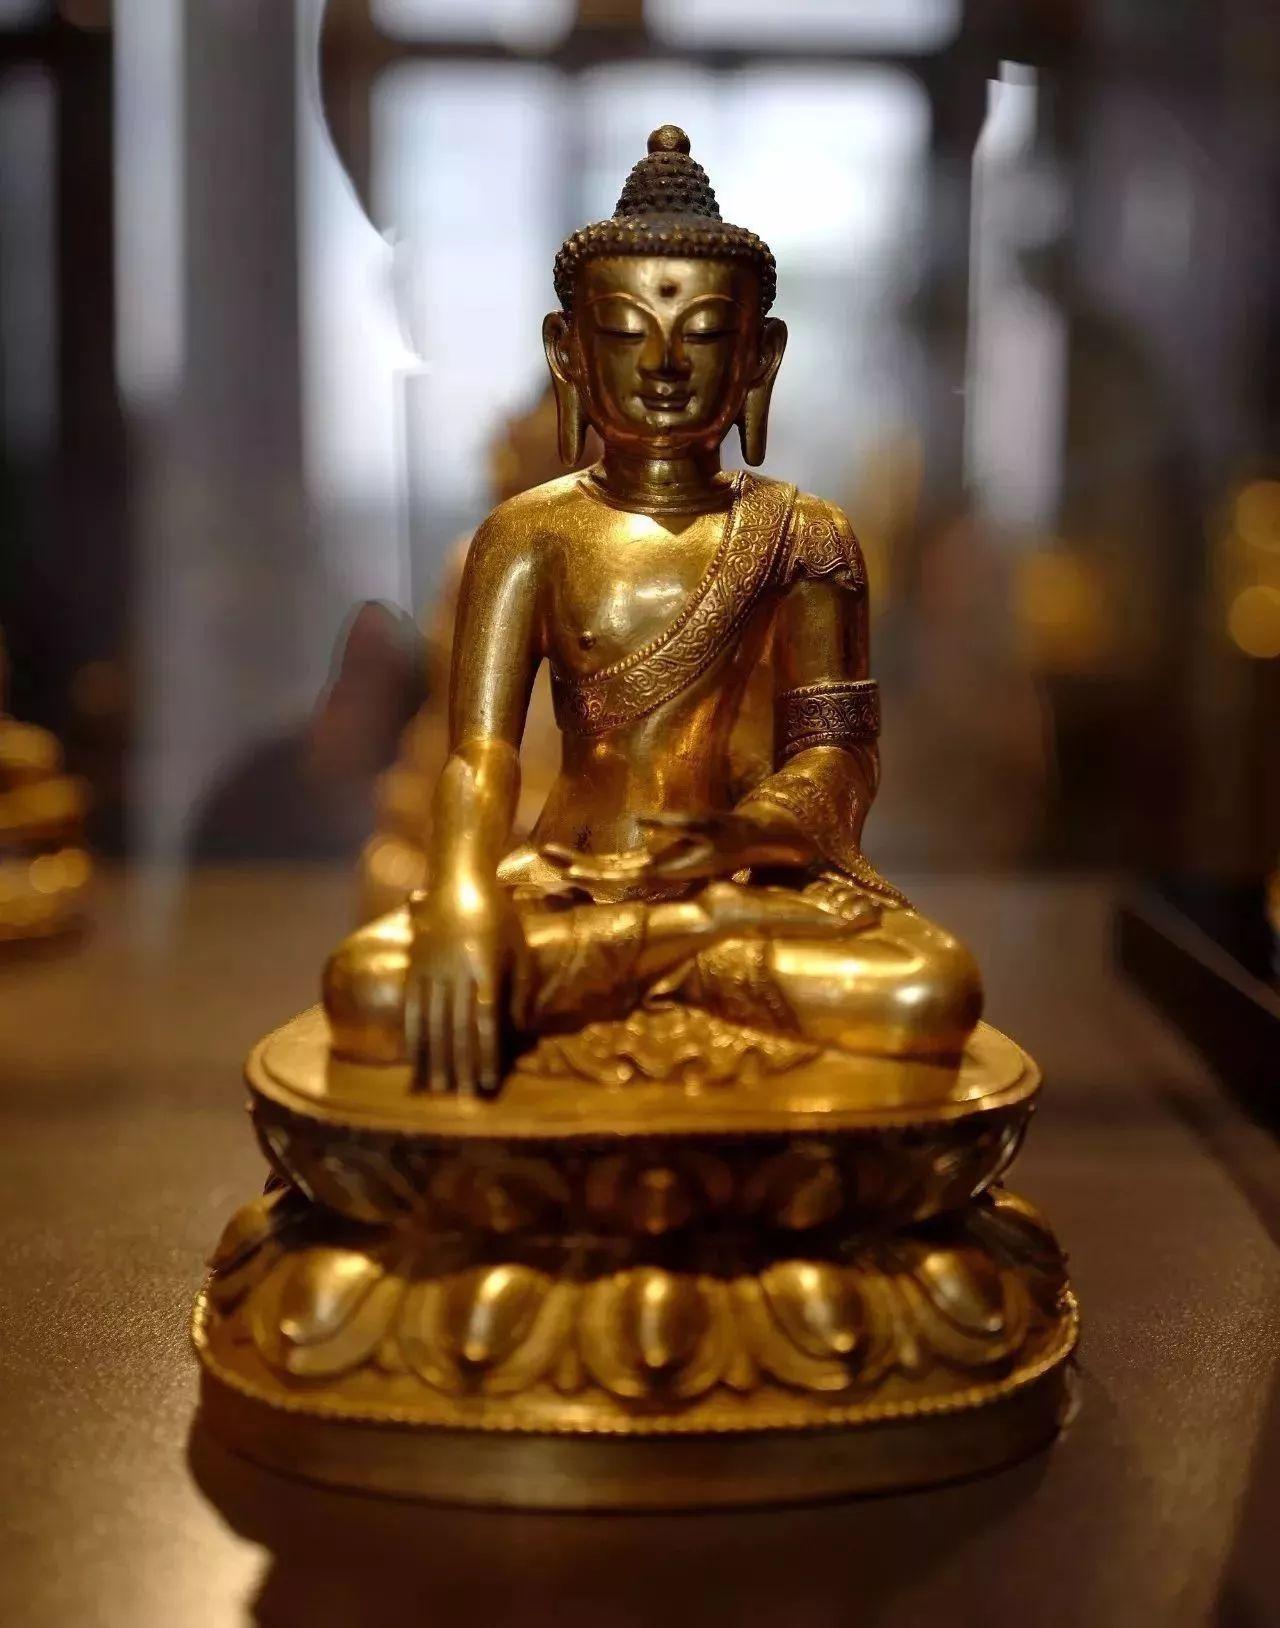 欧洲馆藏金铜佛像之我见――瑞士莱特伯格博物馆